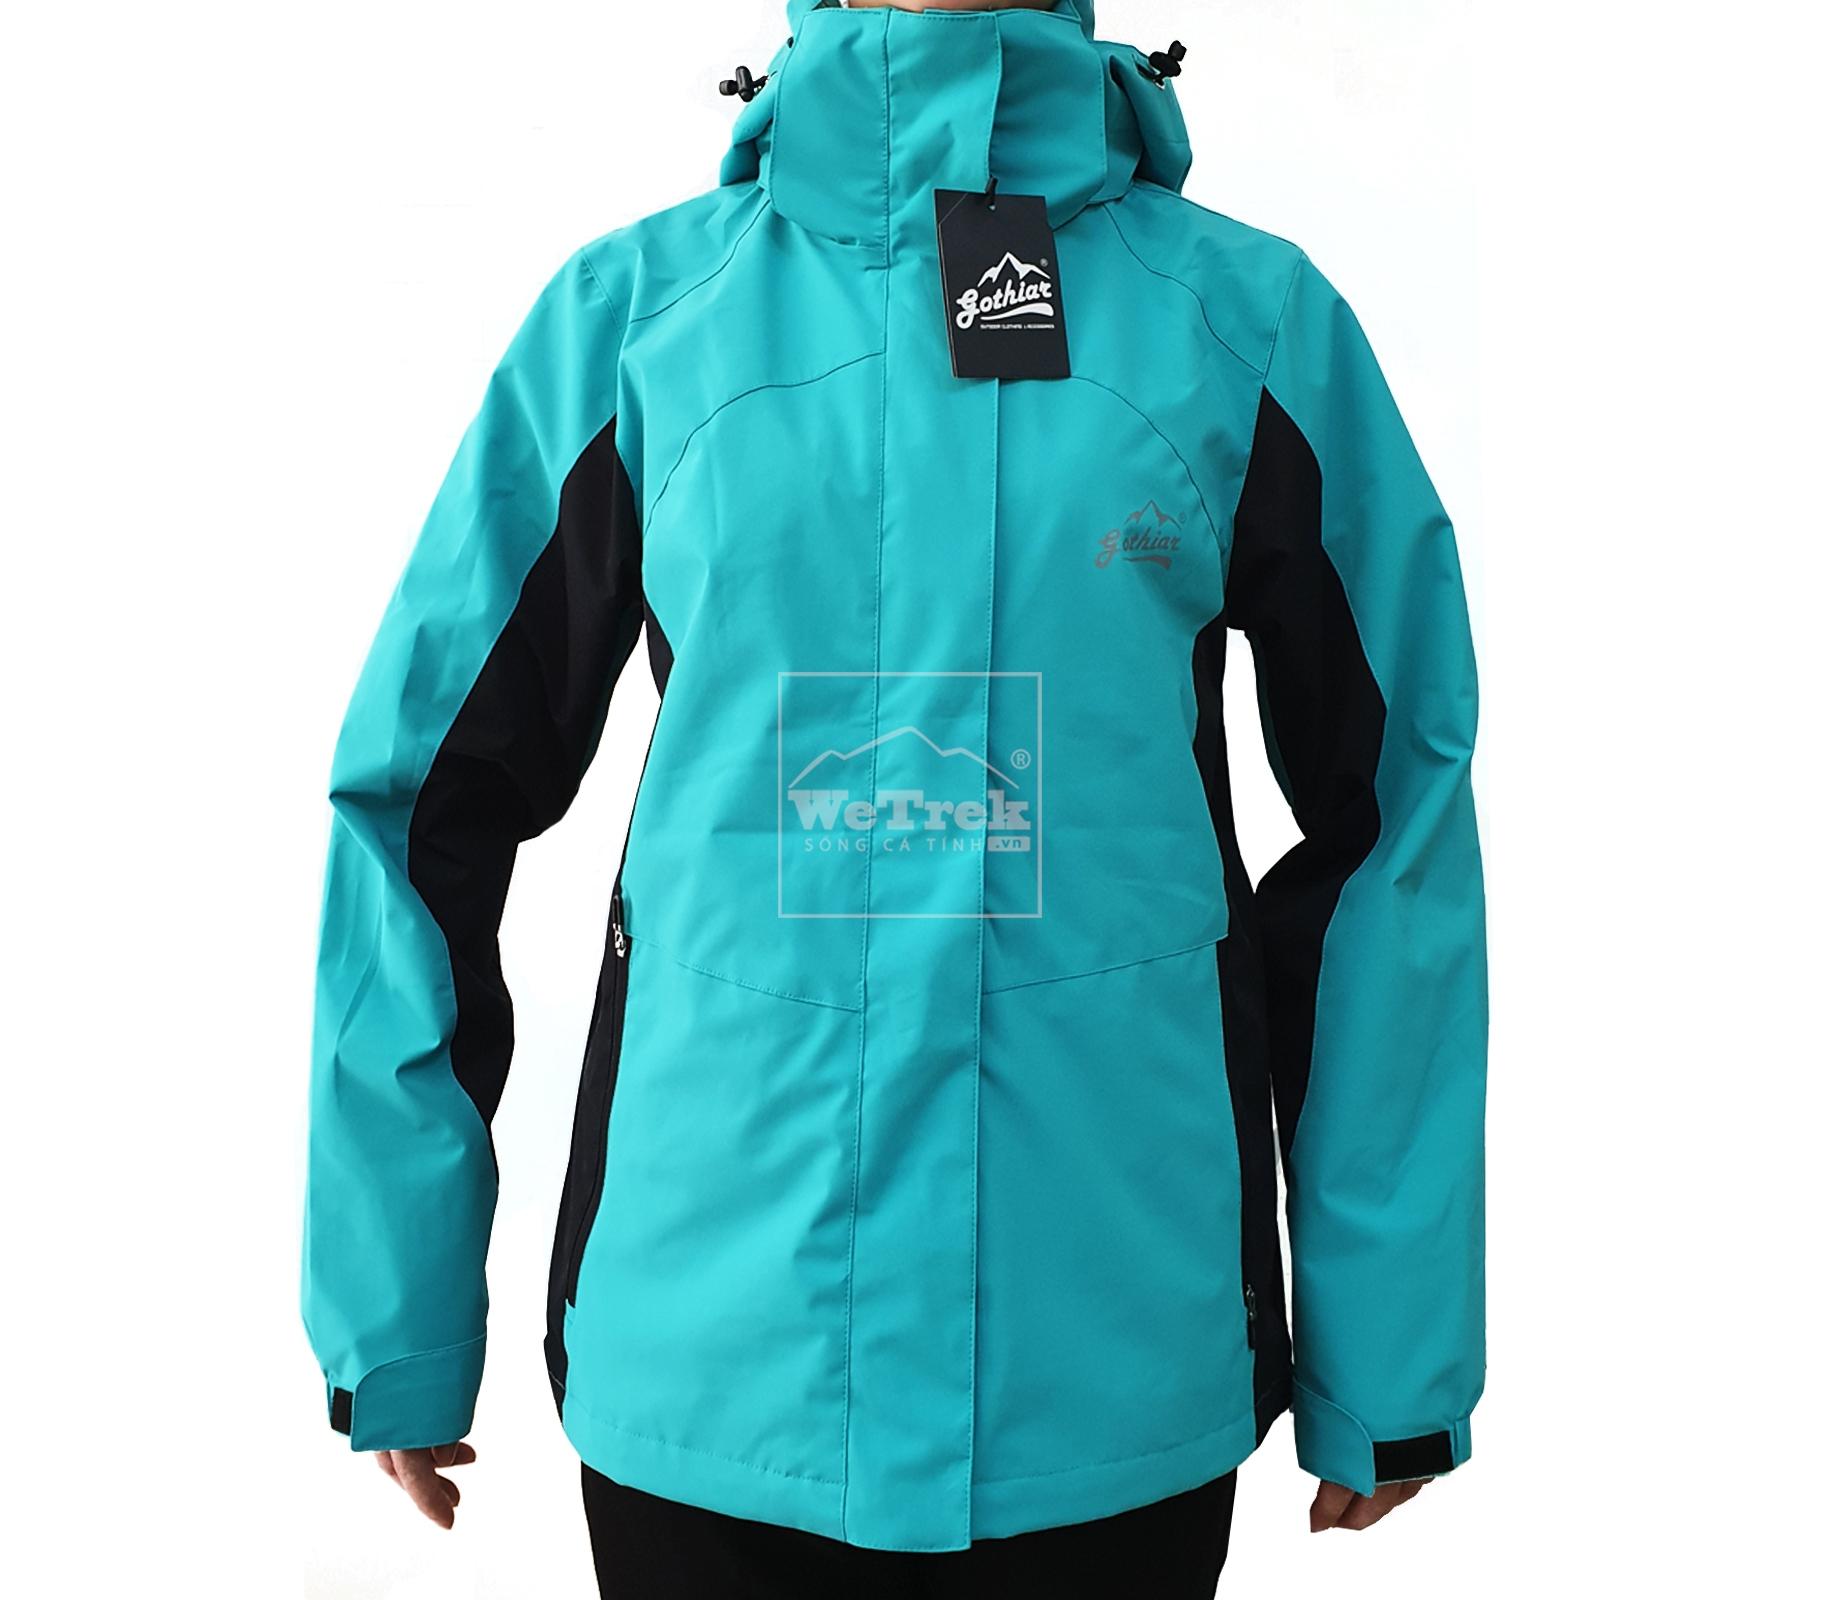 Áo khoác gió nữ 2 lớp Gothiar 2L jacket - Xanh Ngọc 9108